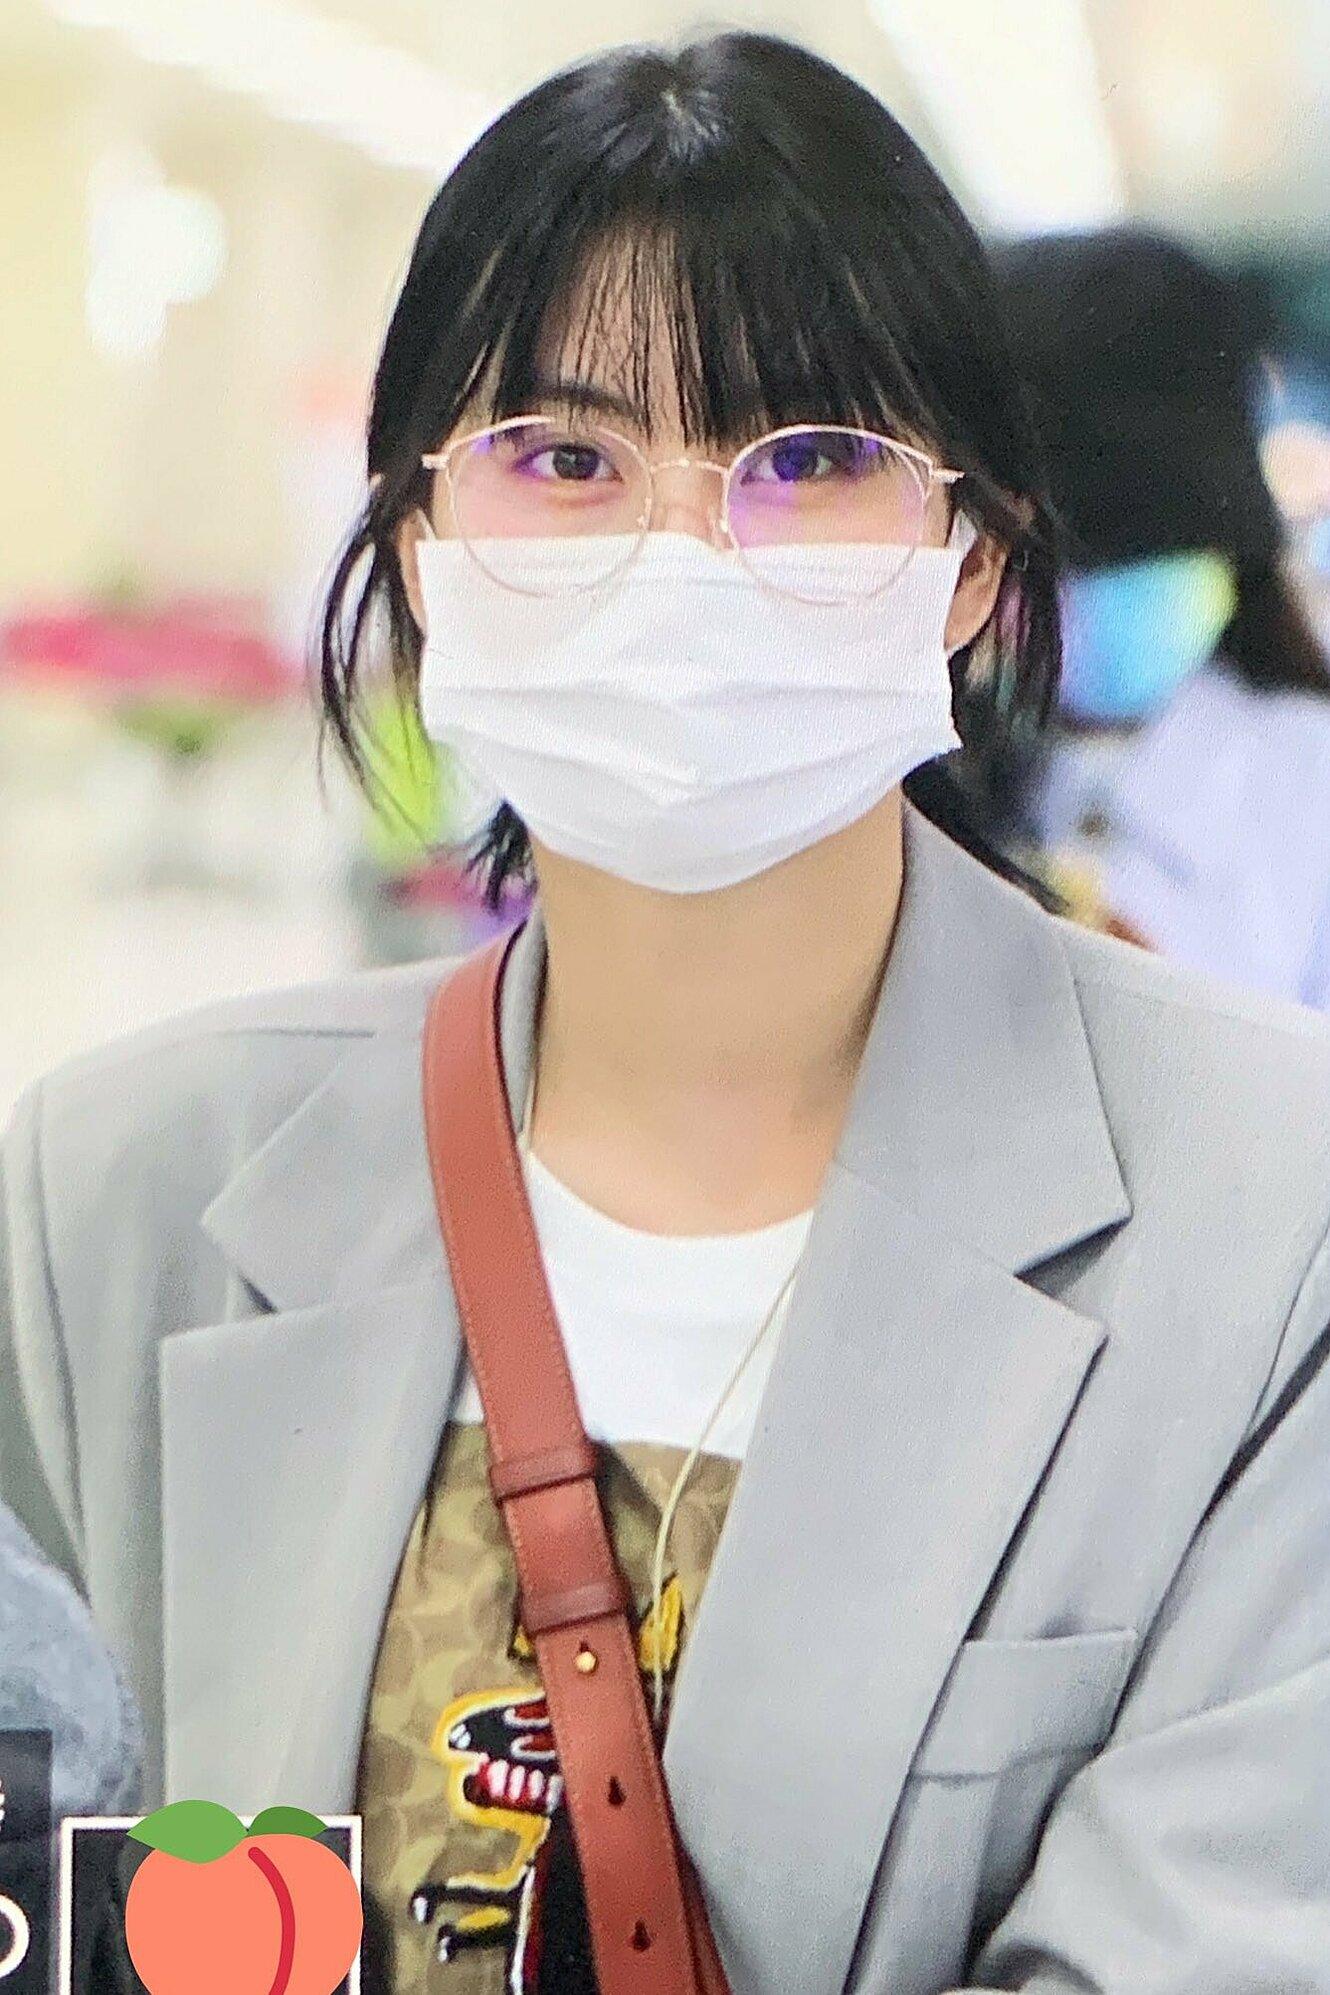 Twice ra sân bay: Sana và Na Yeon gây lú vì không biết ai là ai - 5